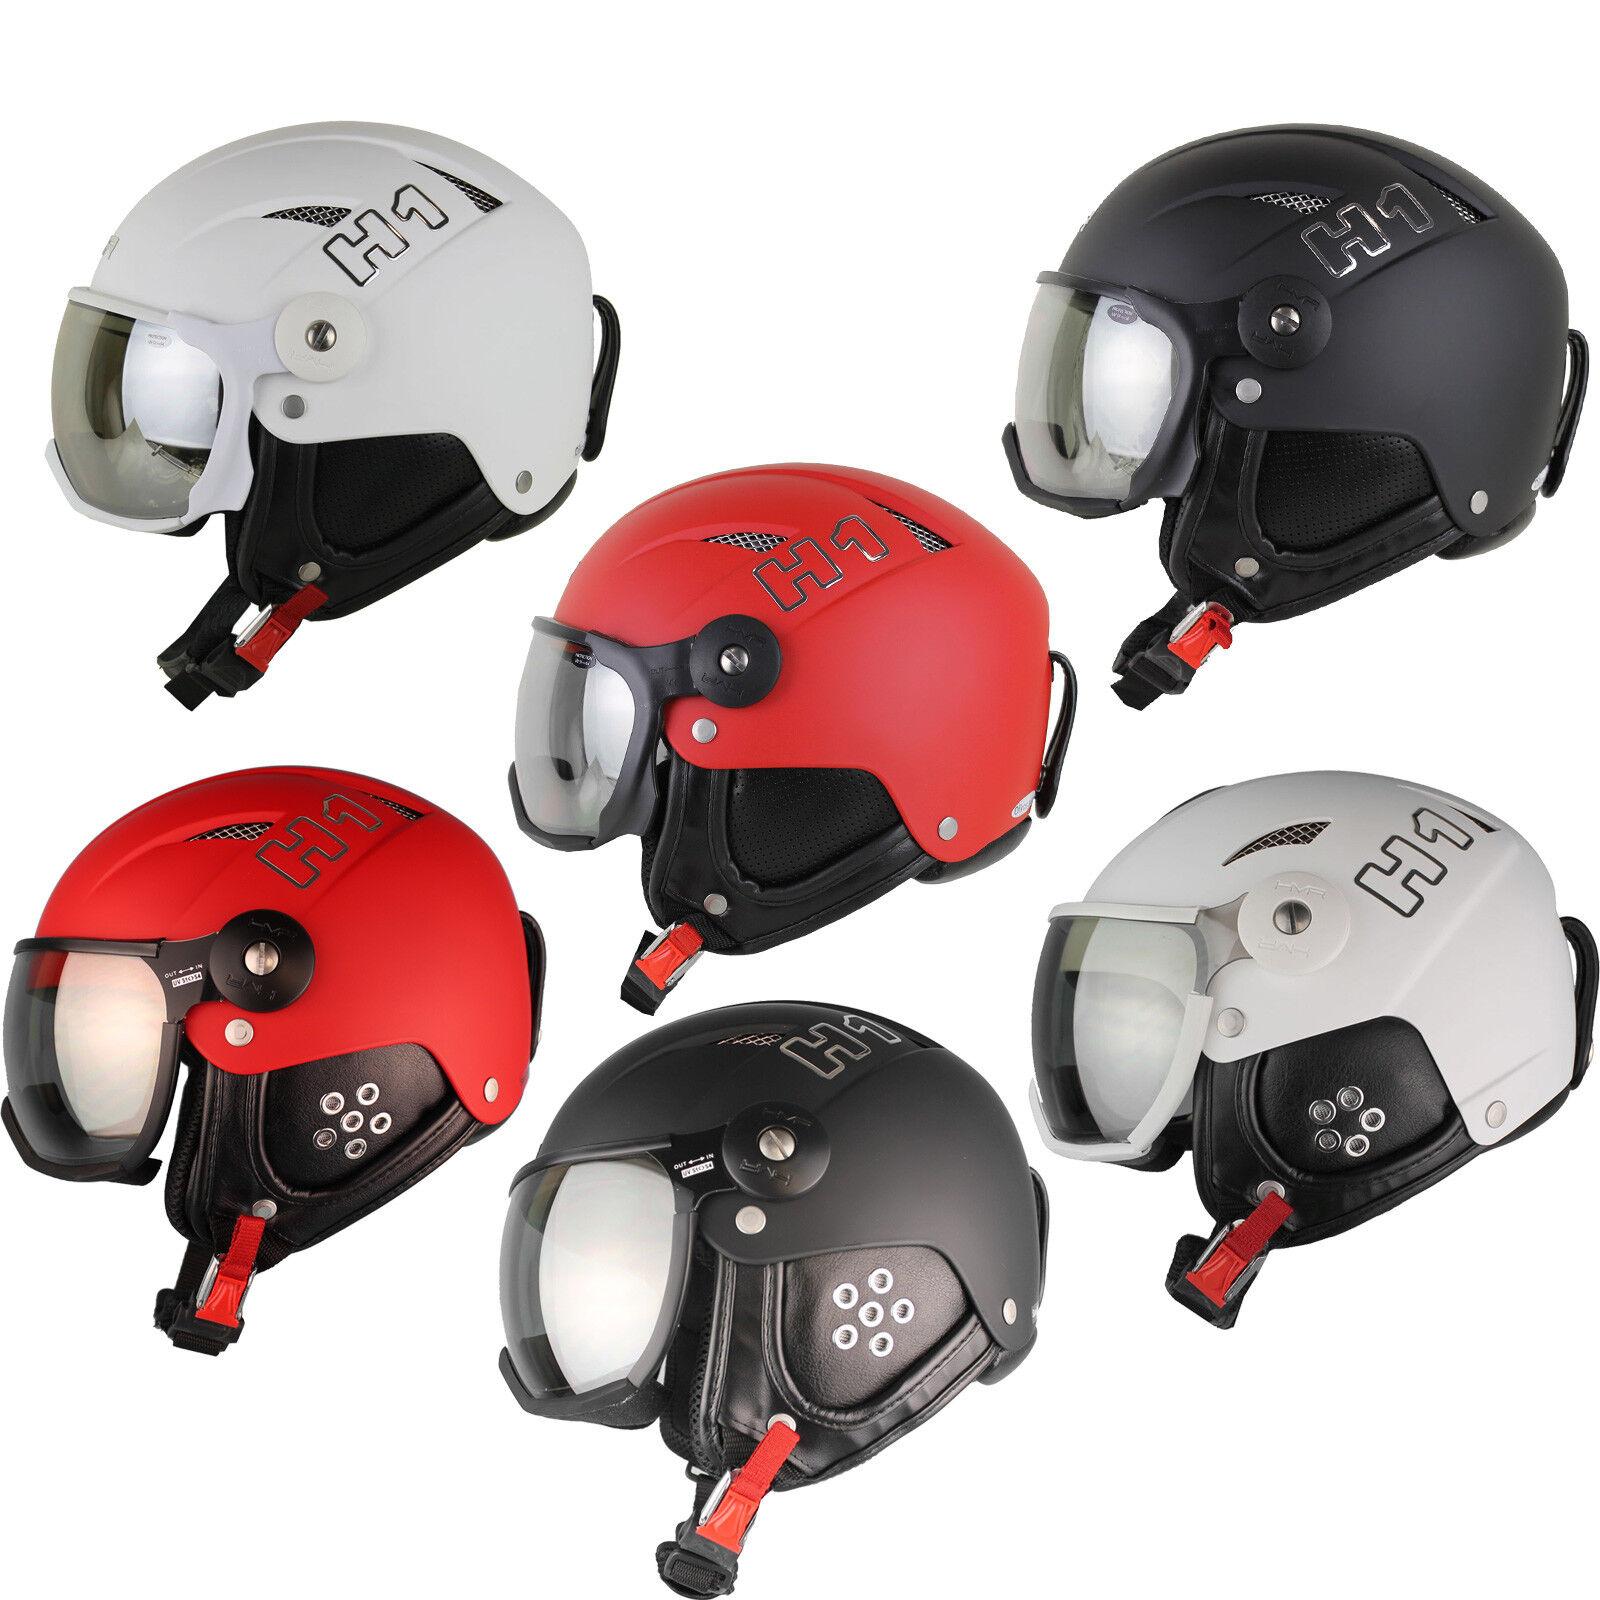 HMR H1 Skihelm Snowboardhelm mit Visier Ski Snowboard Wintersport Helm